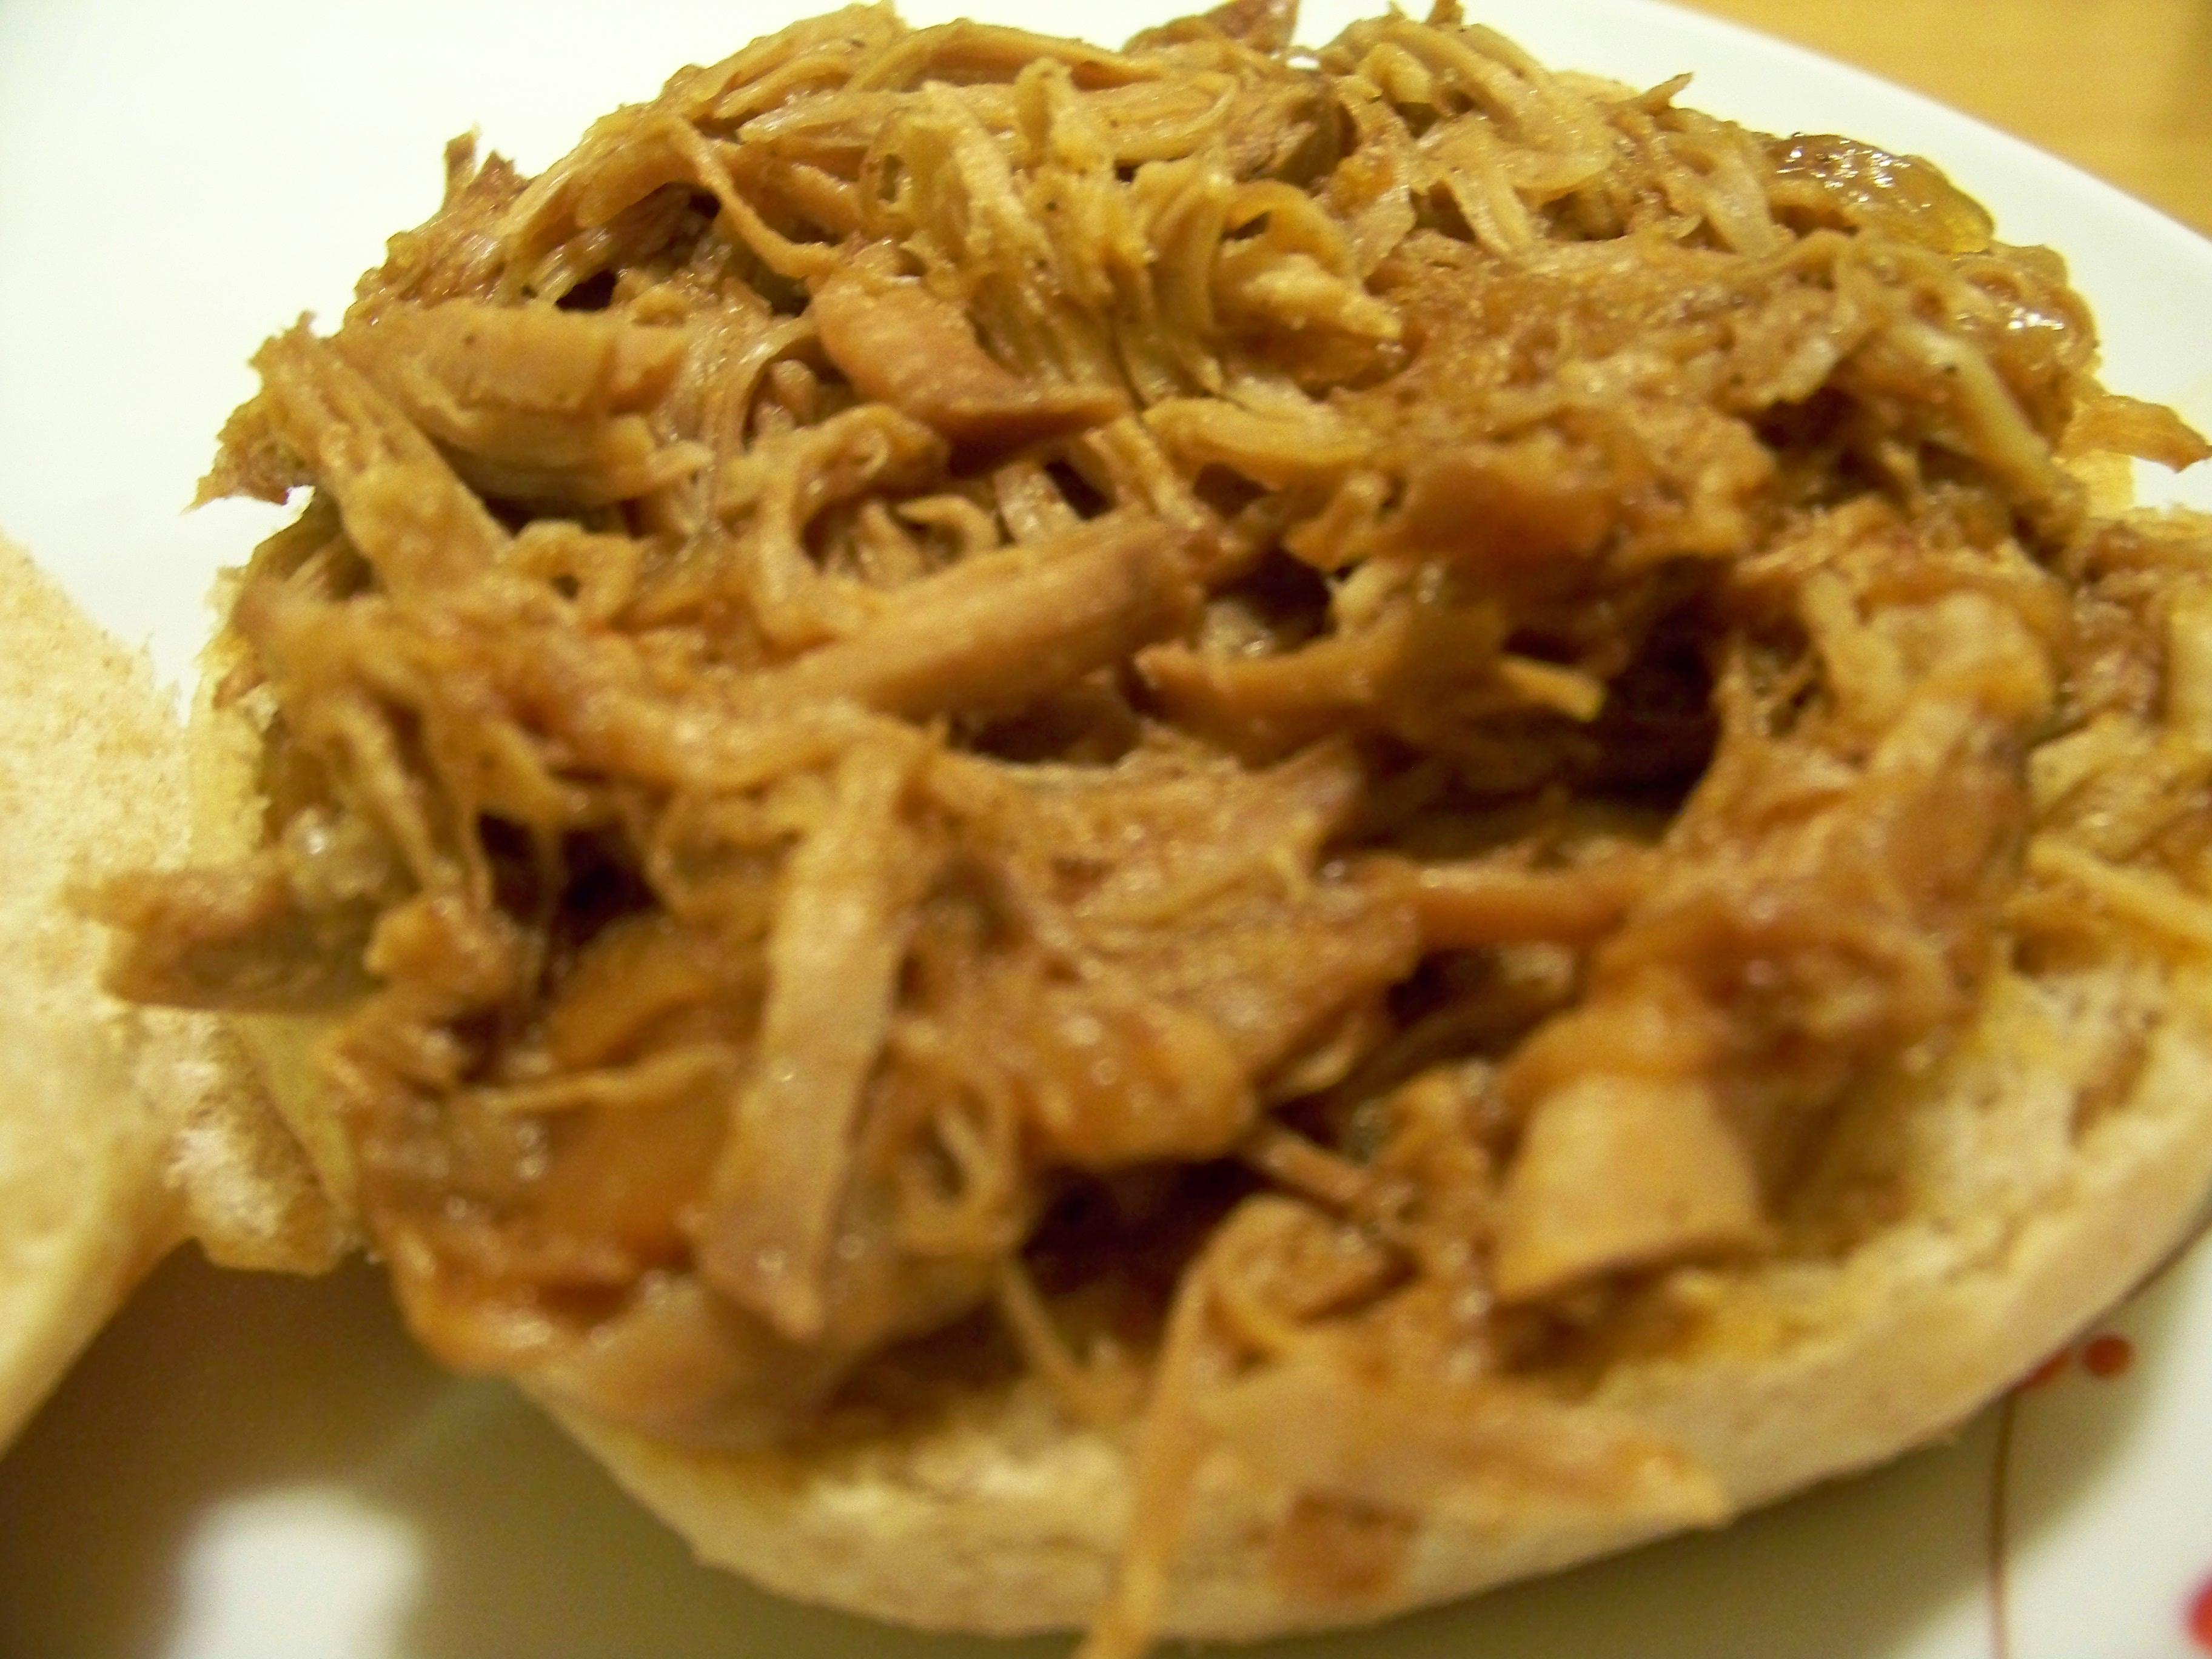 Crockpot / Slow Cooker Pulled Pork Recipe